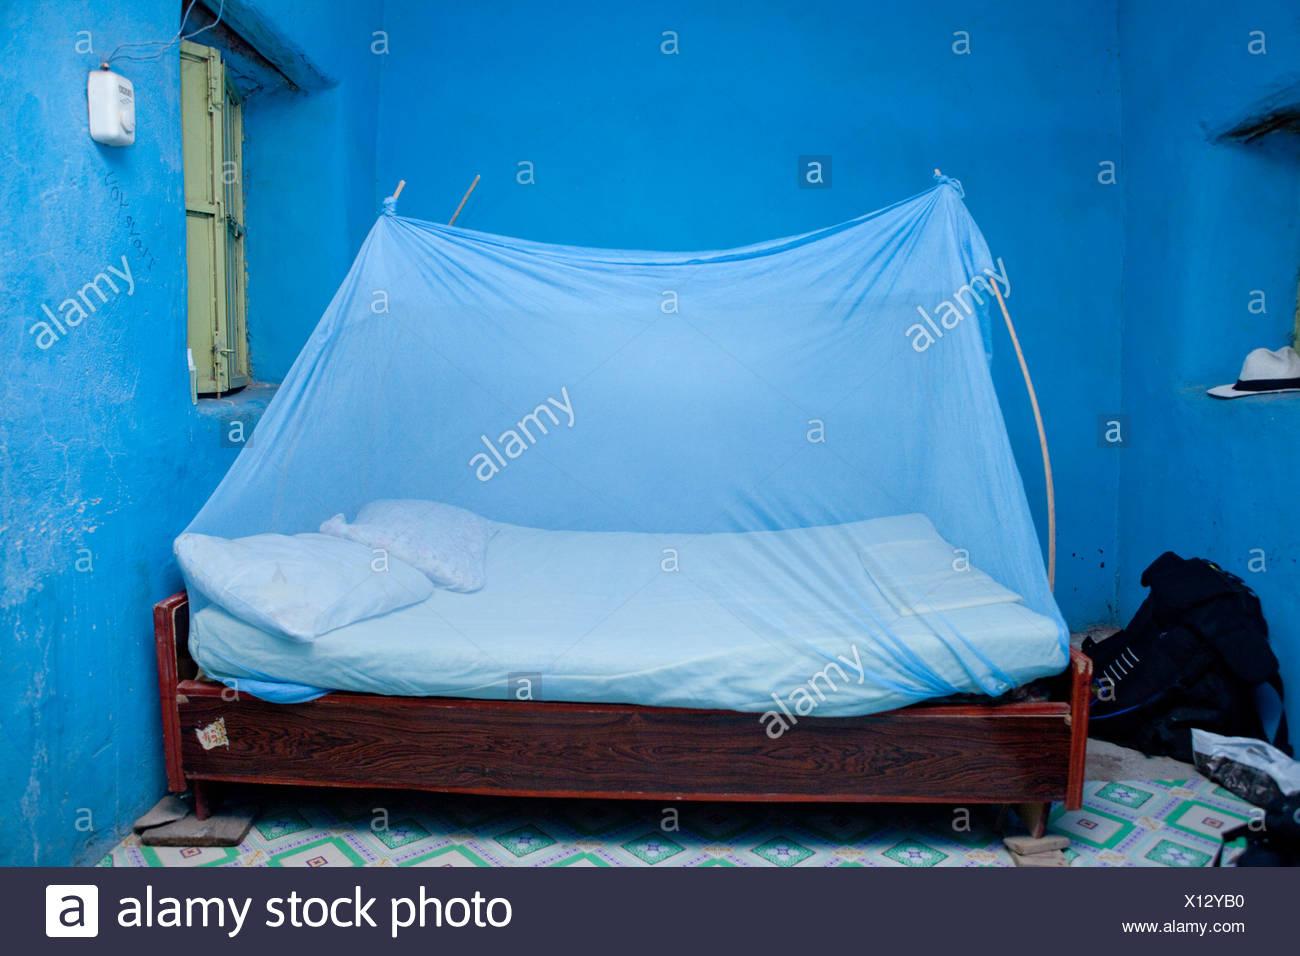 L''hôtel, Asaita, Afrique, lit, moustiquaire, moustiquaire, primitifs, hotel, l'Éthiopie, Photo Stock